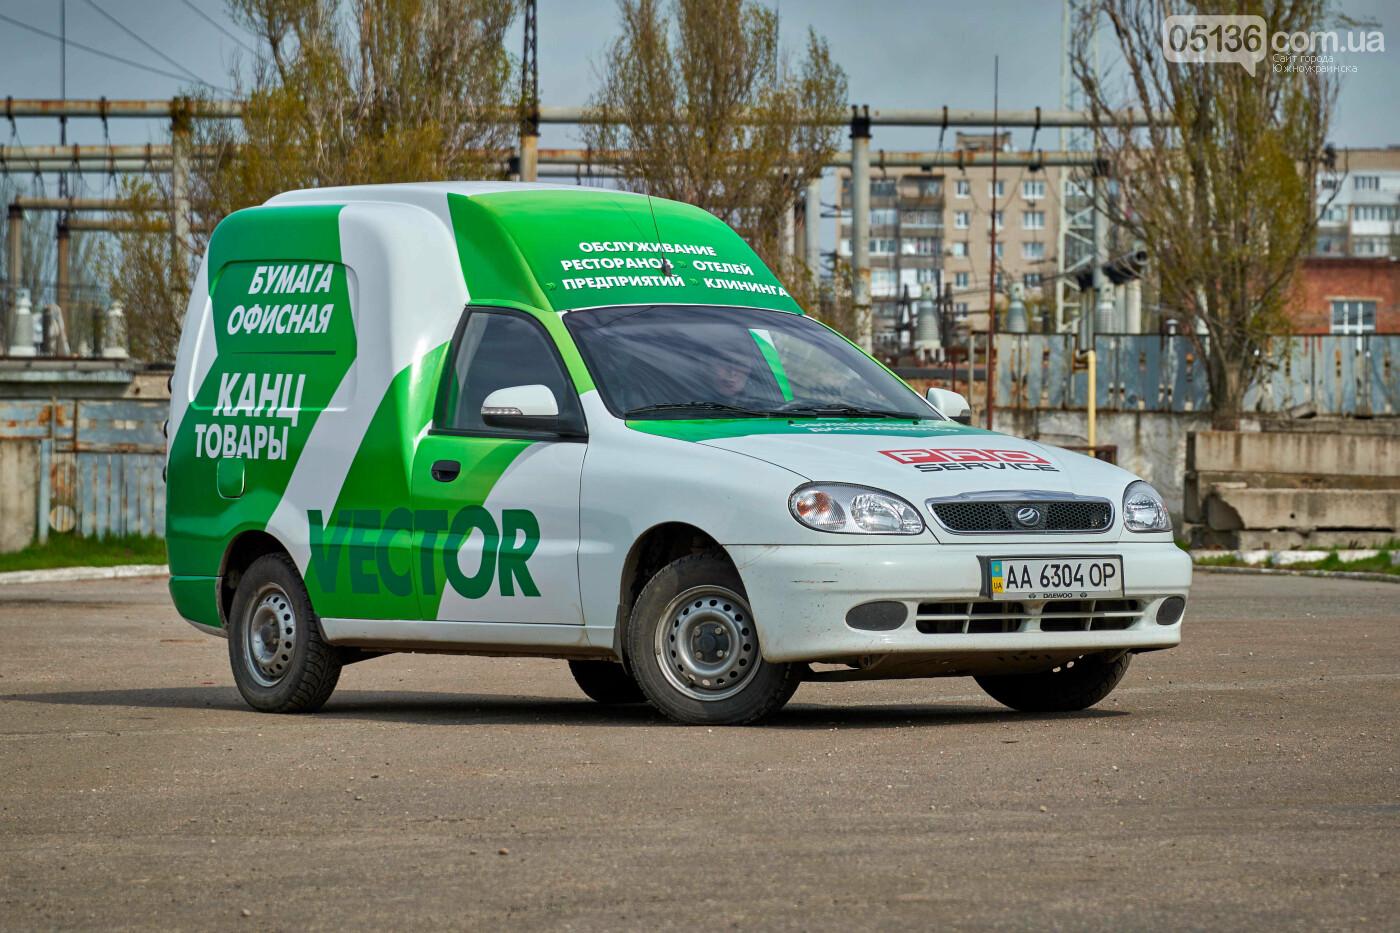 Брендирование автотранспорта – альтернативное средство наружной рекламы, фото-1